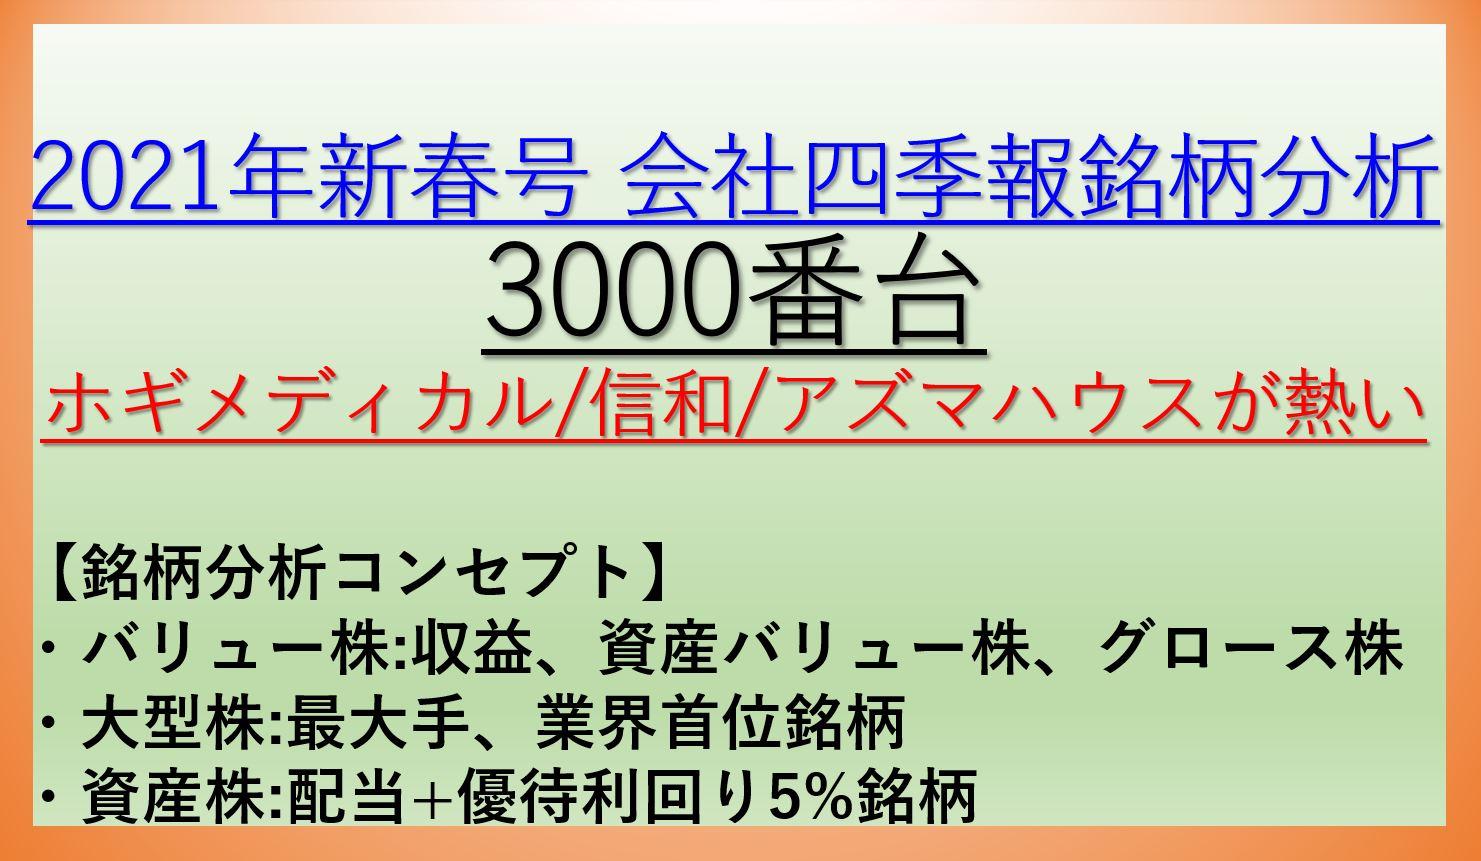 2021年新春号-会社四季報銘柄分析-3000番台